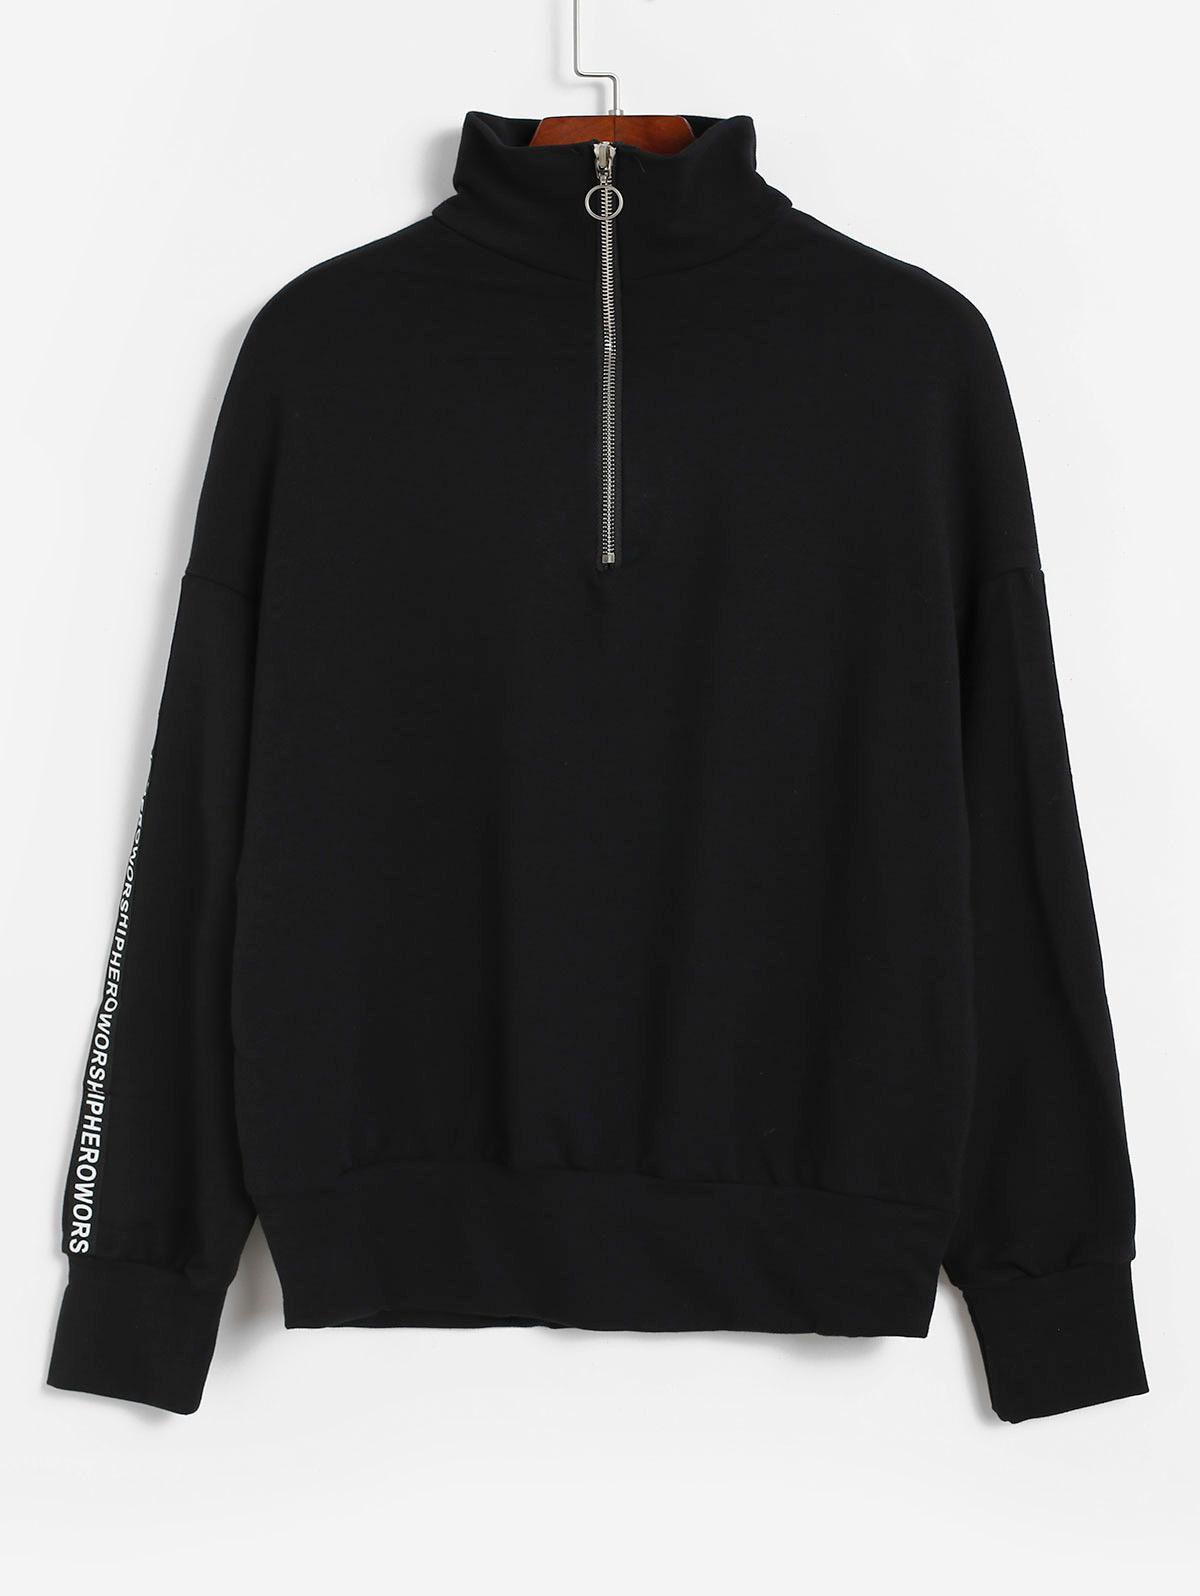 Drop Shoulder Half Zip Slogan Graphic Sweatshirt